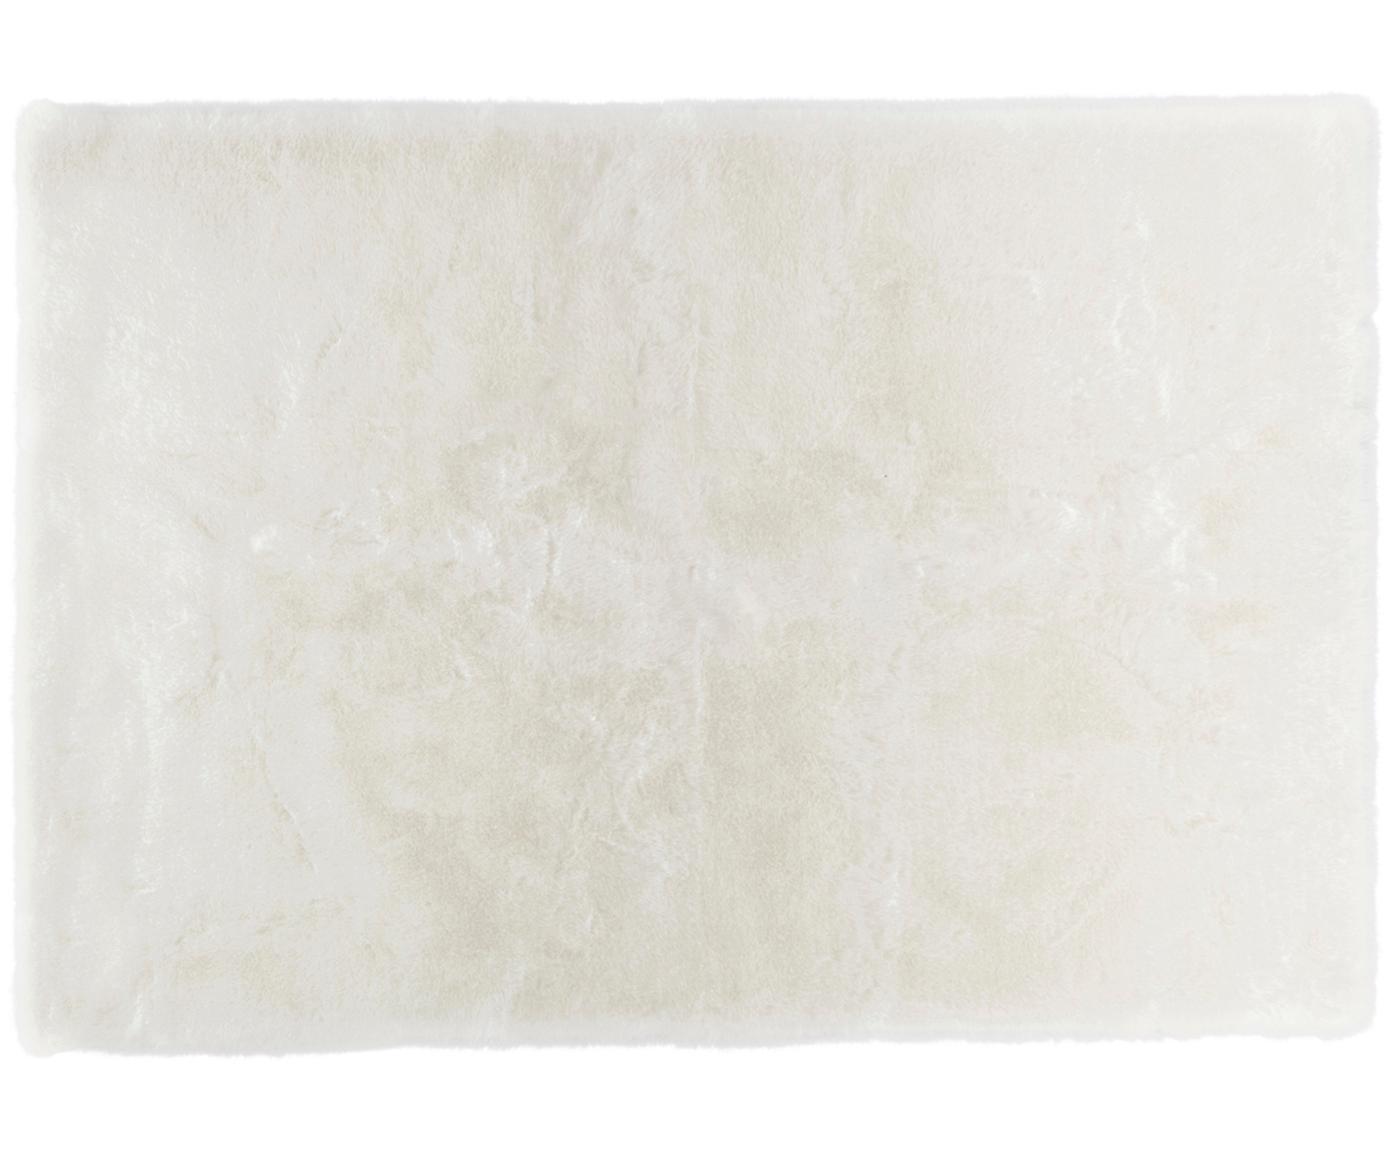 Flauschiger Hochflor-Teppich Superior aus Kunstfell, Flor: 95% Acryl, 5% Polyester, Weiss, B 160 x L 230 cm (Grösse M)